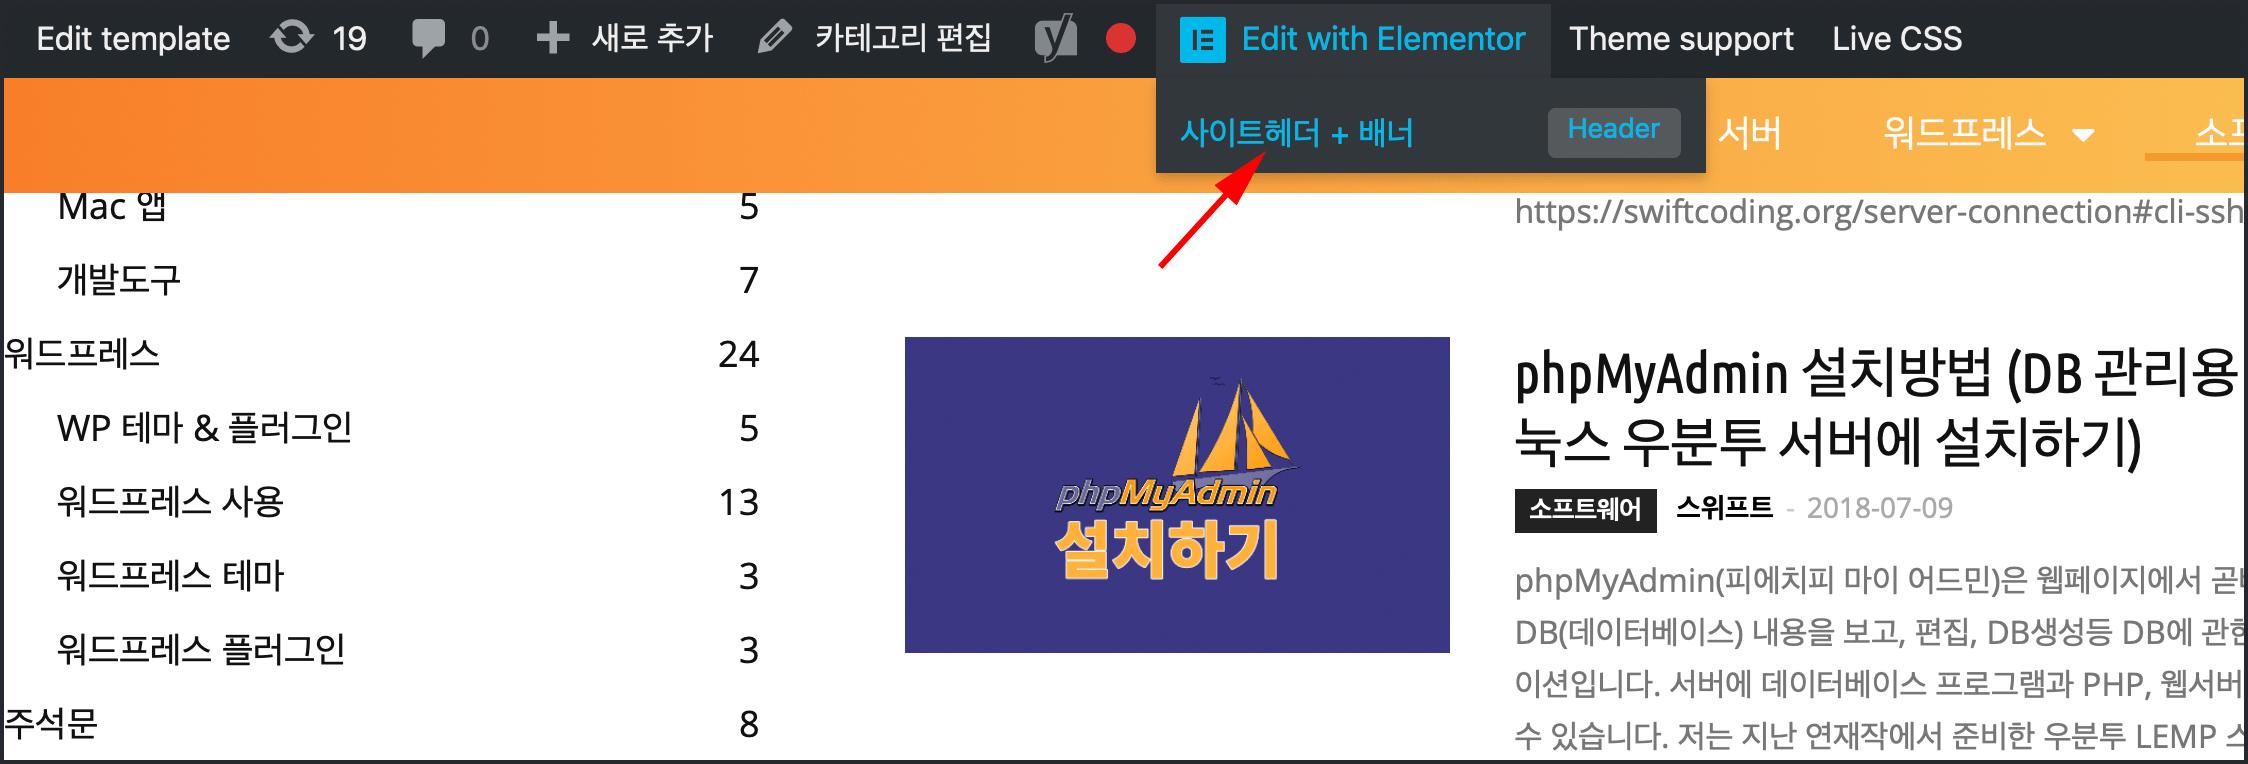 워드프레스 관리자메뉴바의 edit width elementor 메뉴 하위에 나타난 현재 적용중인 헤더 목록